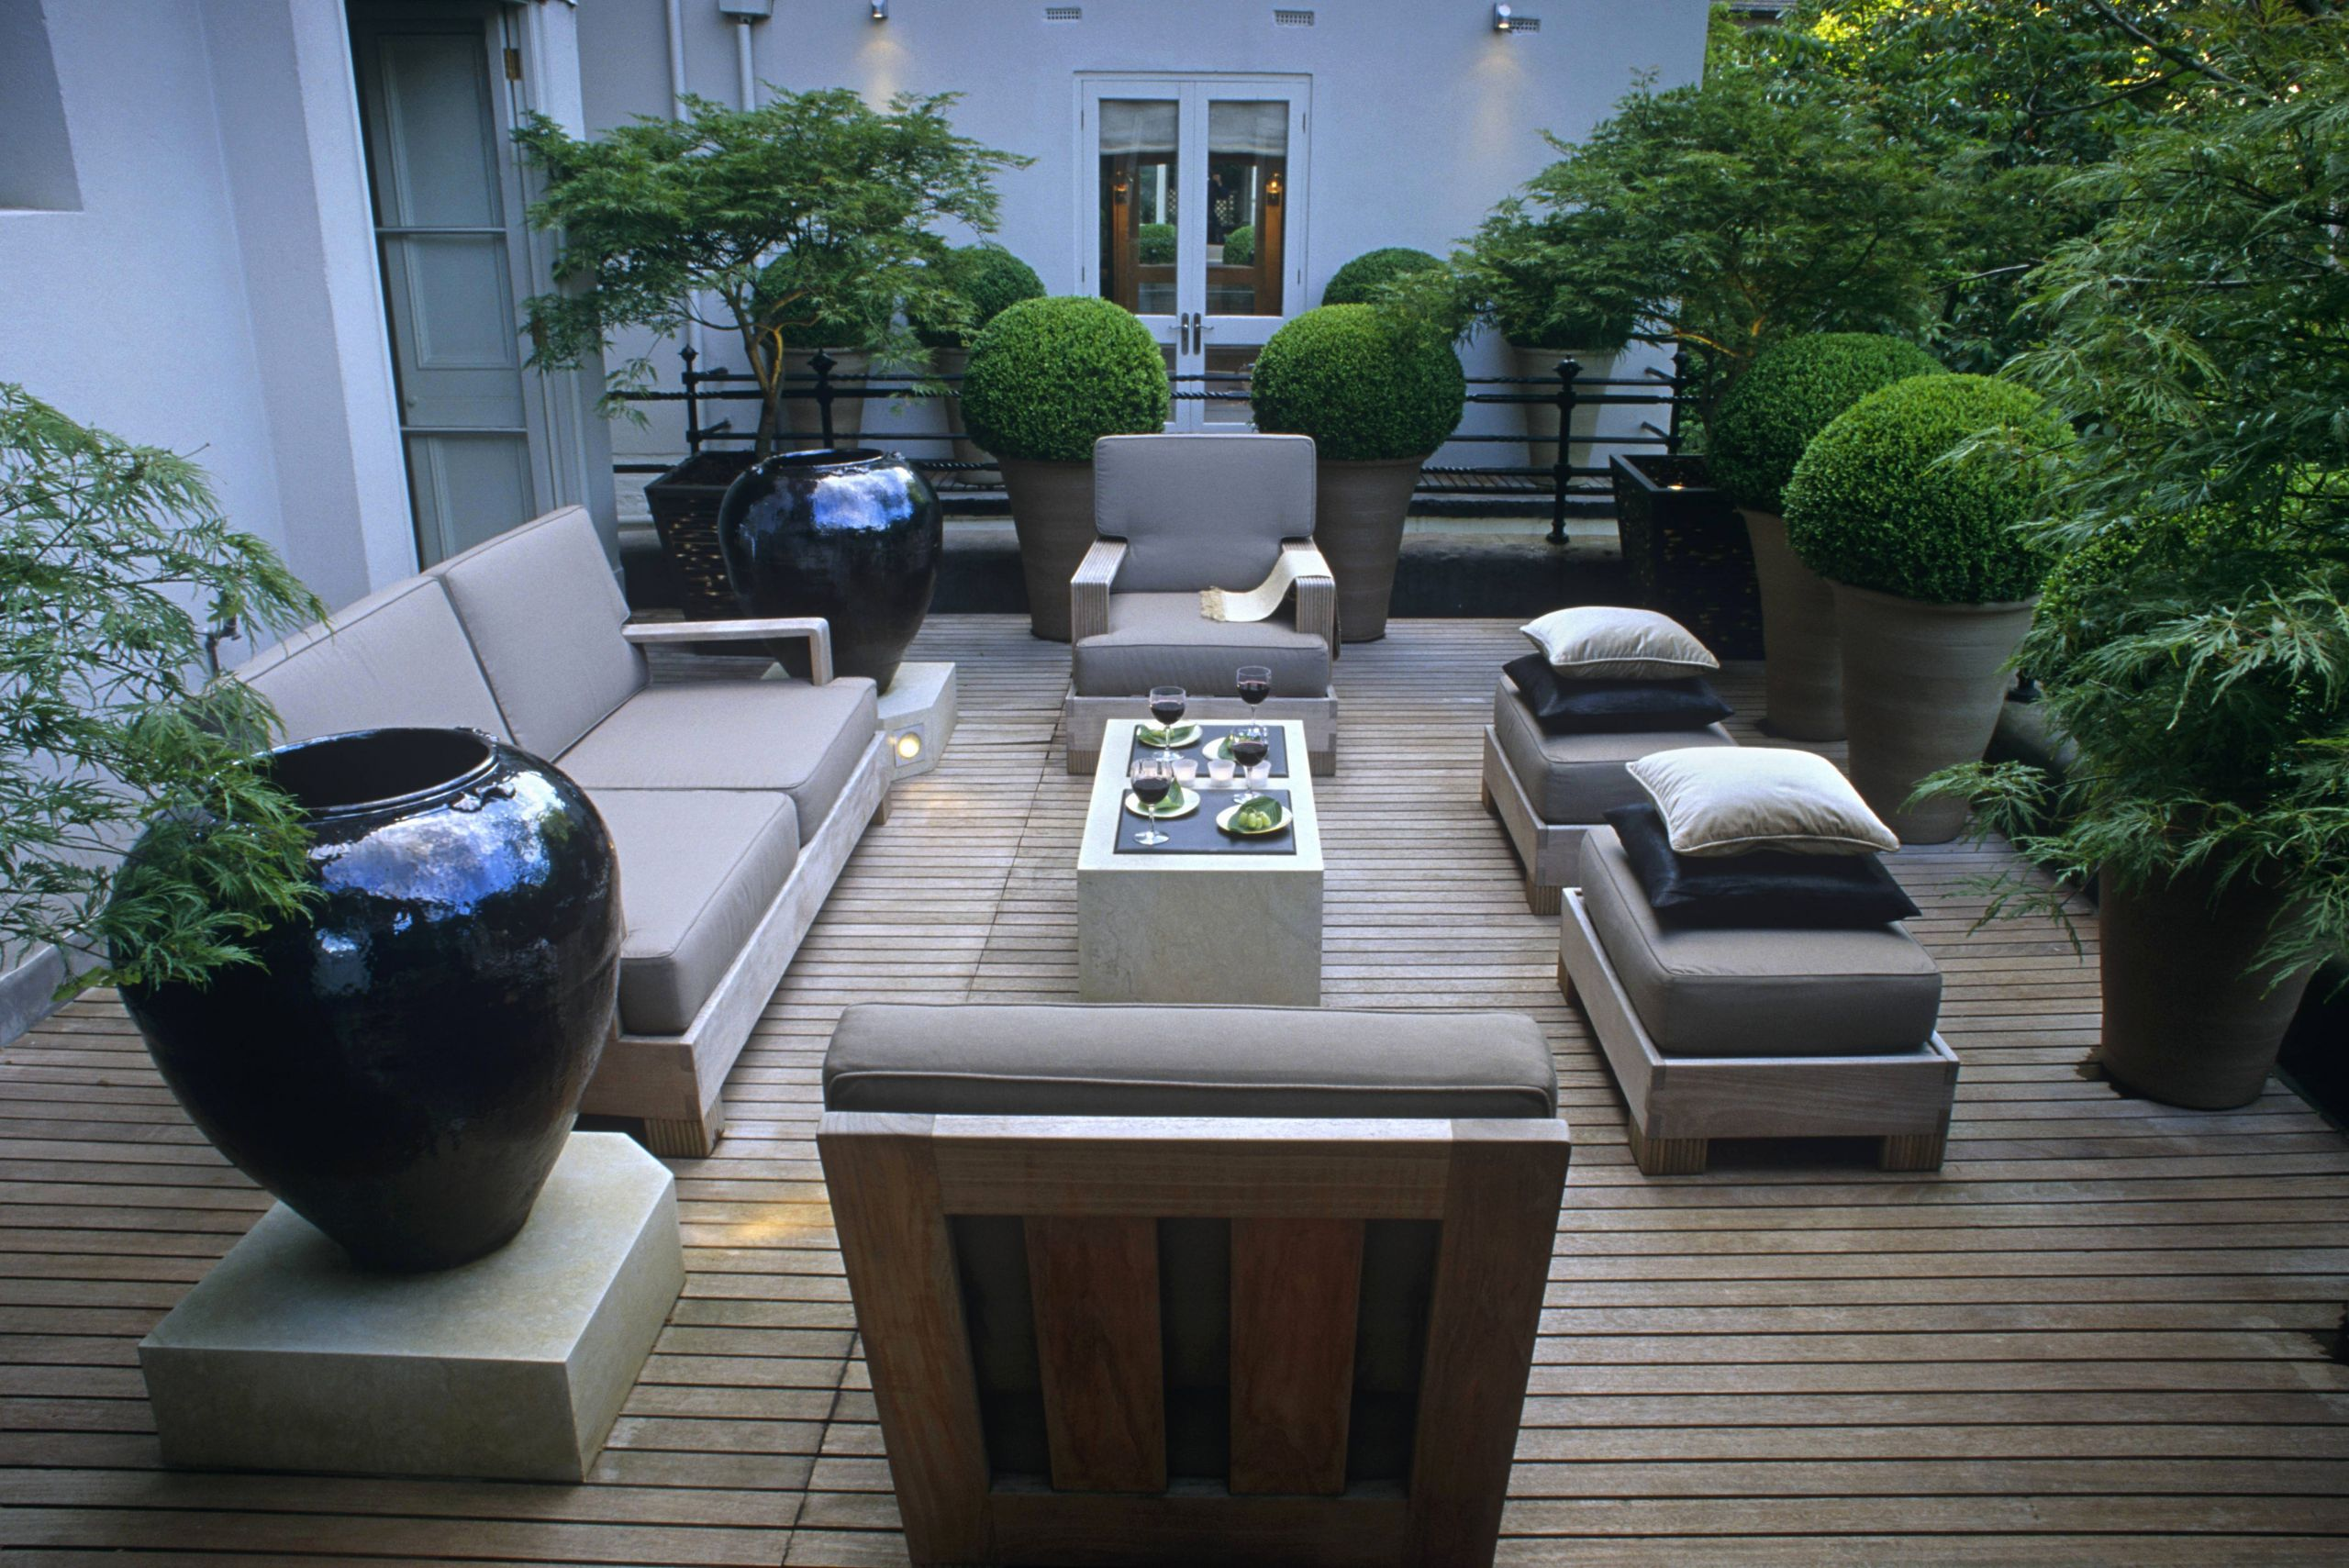 terrassengestaltung mit pflanzen inspirierend terrassengestaltung mit pflanzen neu wohnkonfetti schonsten of terrassengestaltung mit pflanzen